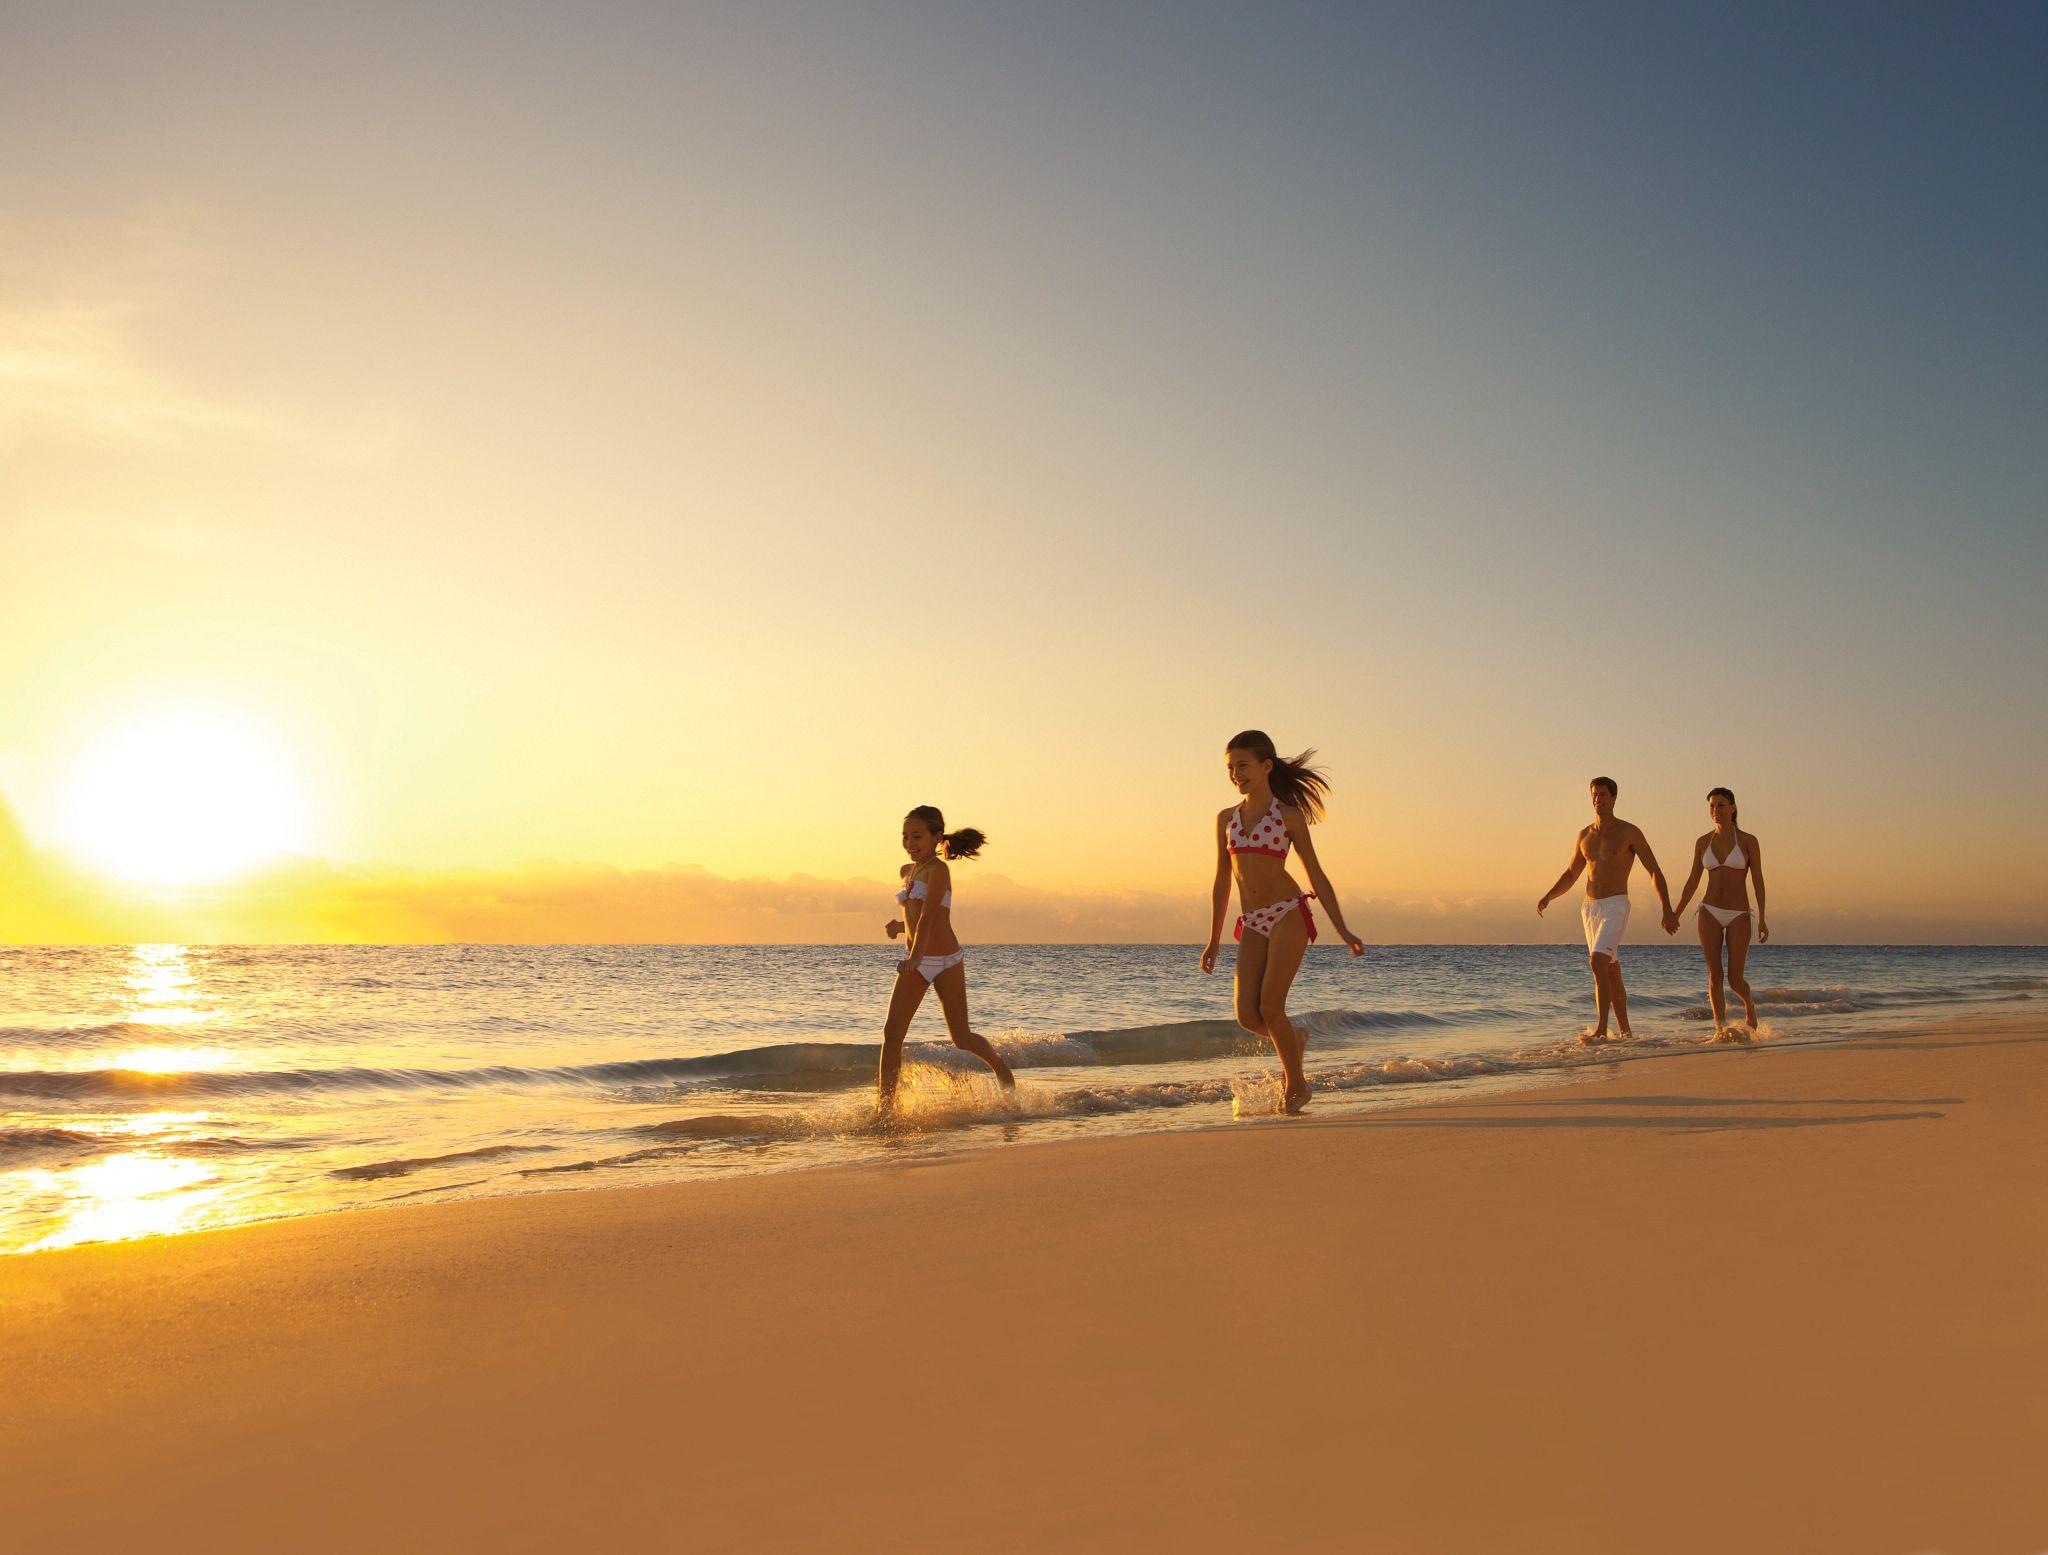 famliy walking along the beach at sunset